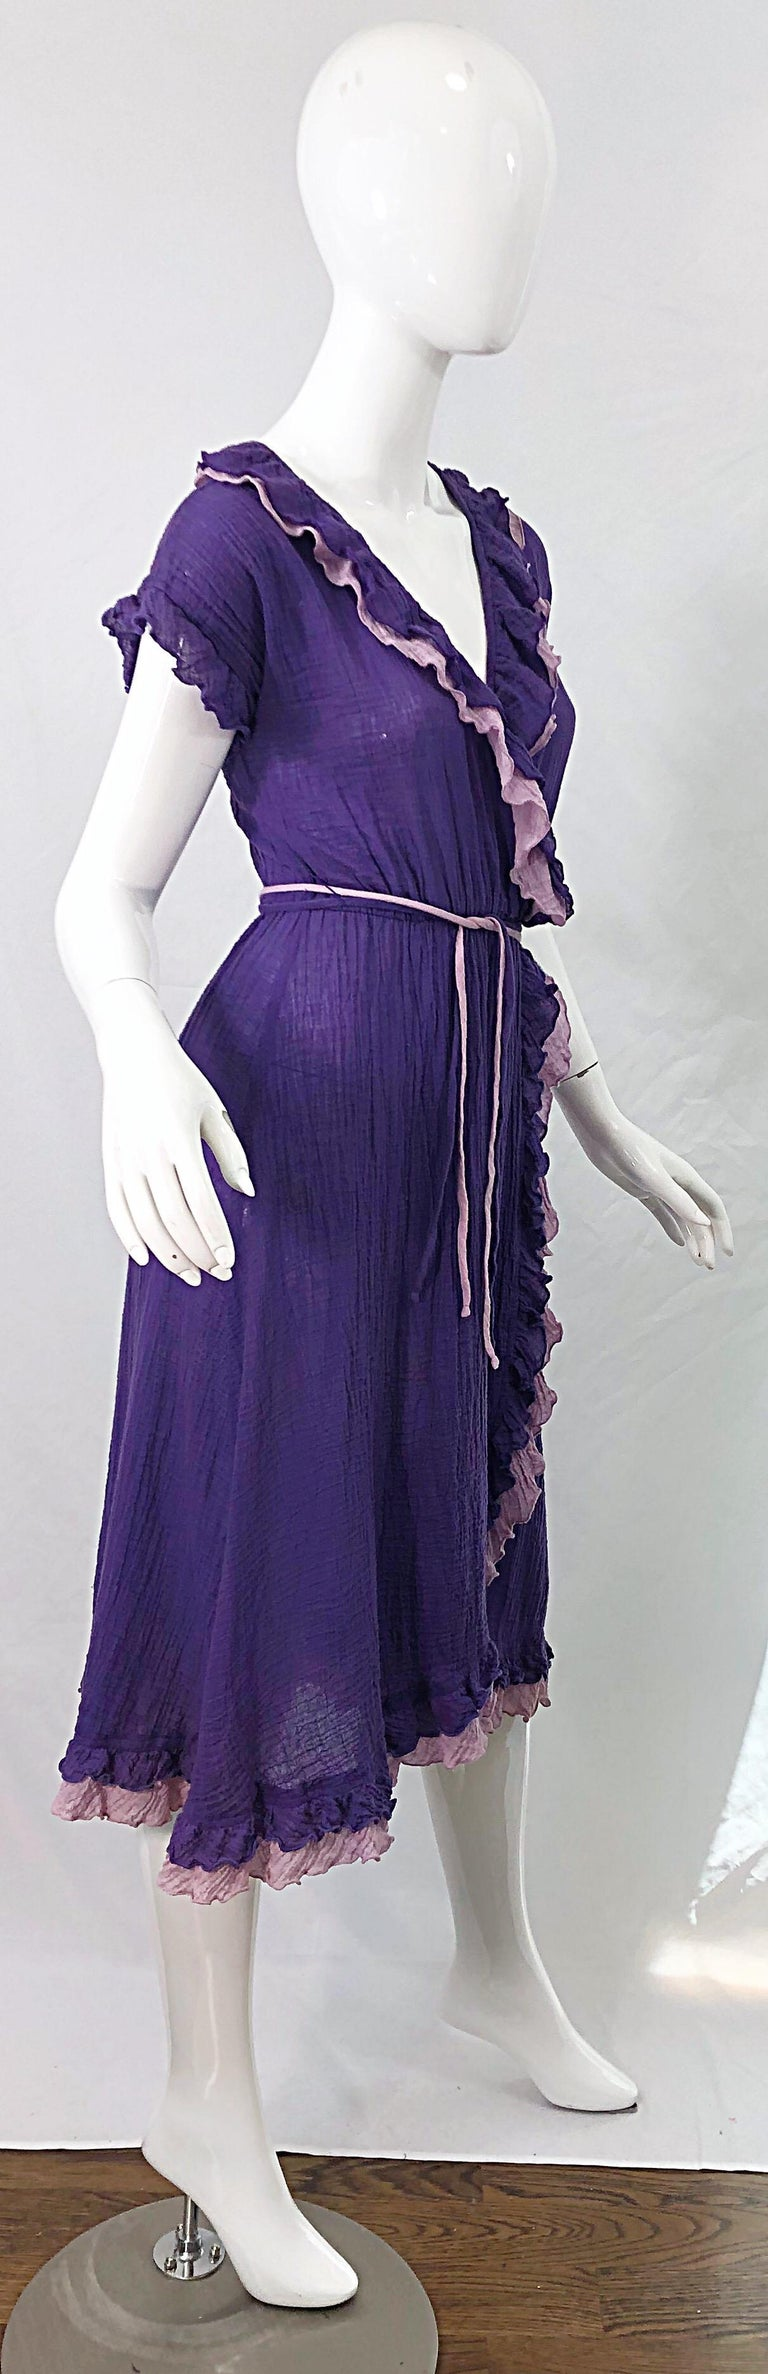 1970s Purple Lavender Lightweight Cotton Voile Vintage 70s Wrap Dress For Sale 4